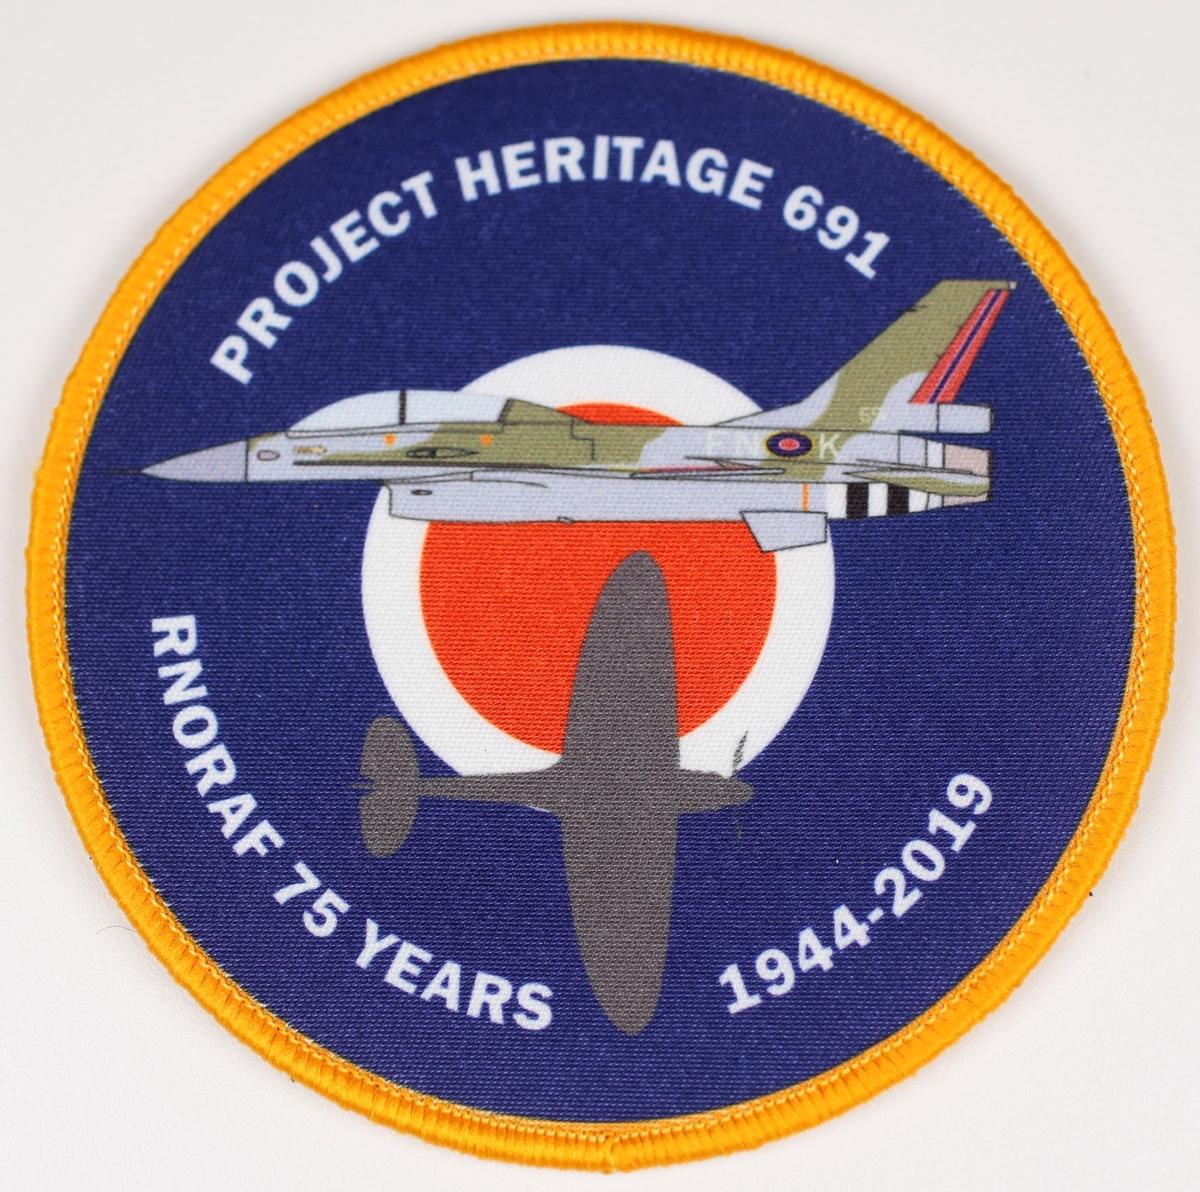 Patch utgitt ifm Luftforsvarets 75-års jubileum. Motivet er en F-16 og en Spitfire med nasjonal merke som bakgrunn.